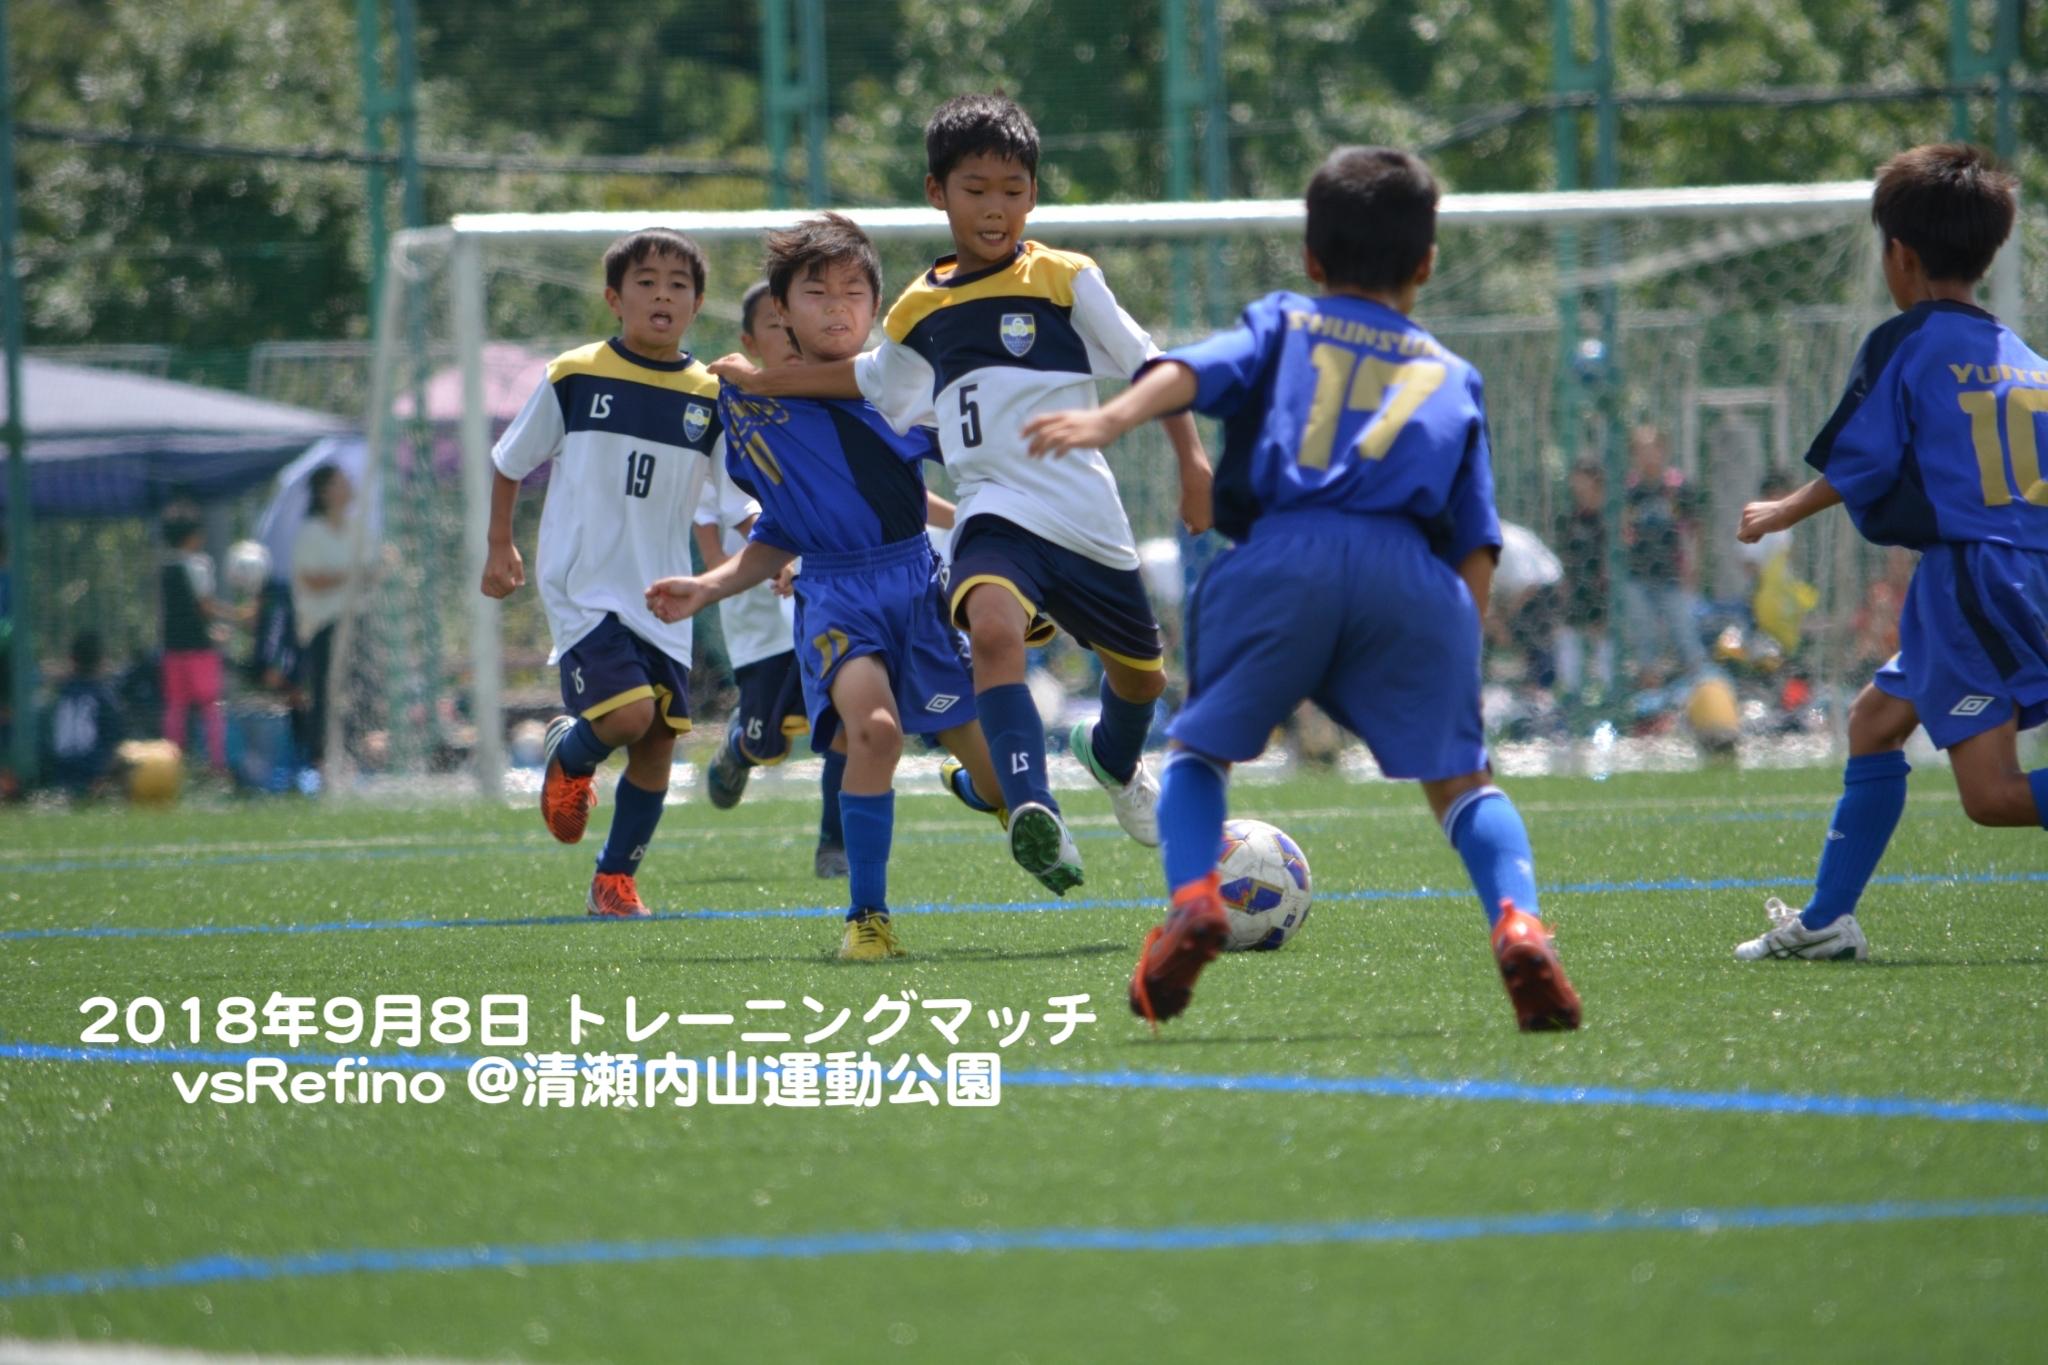 180908 TM Refino,高島平_180912_0022